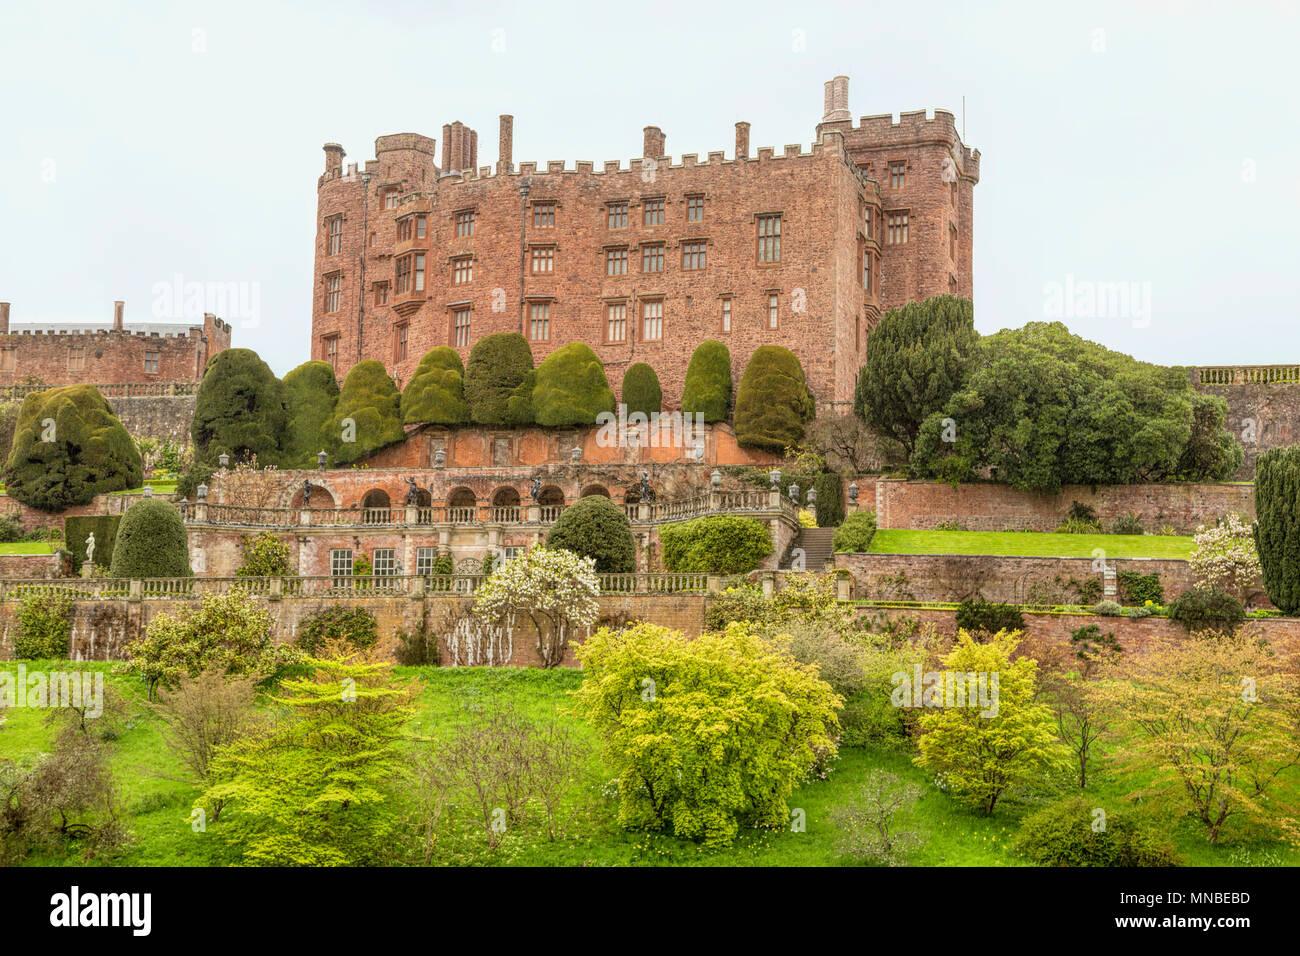 Wales immagini wales fotos stock alamy for Giardini terrazzati immagini